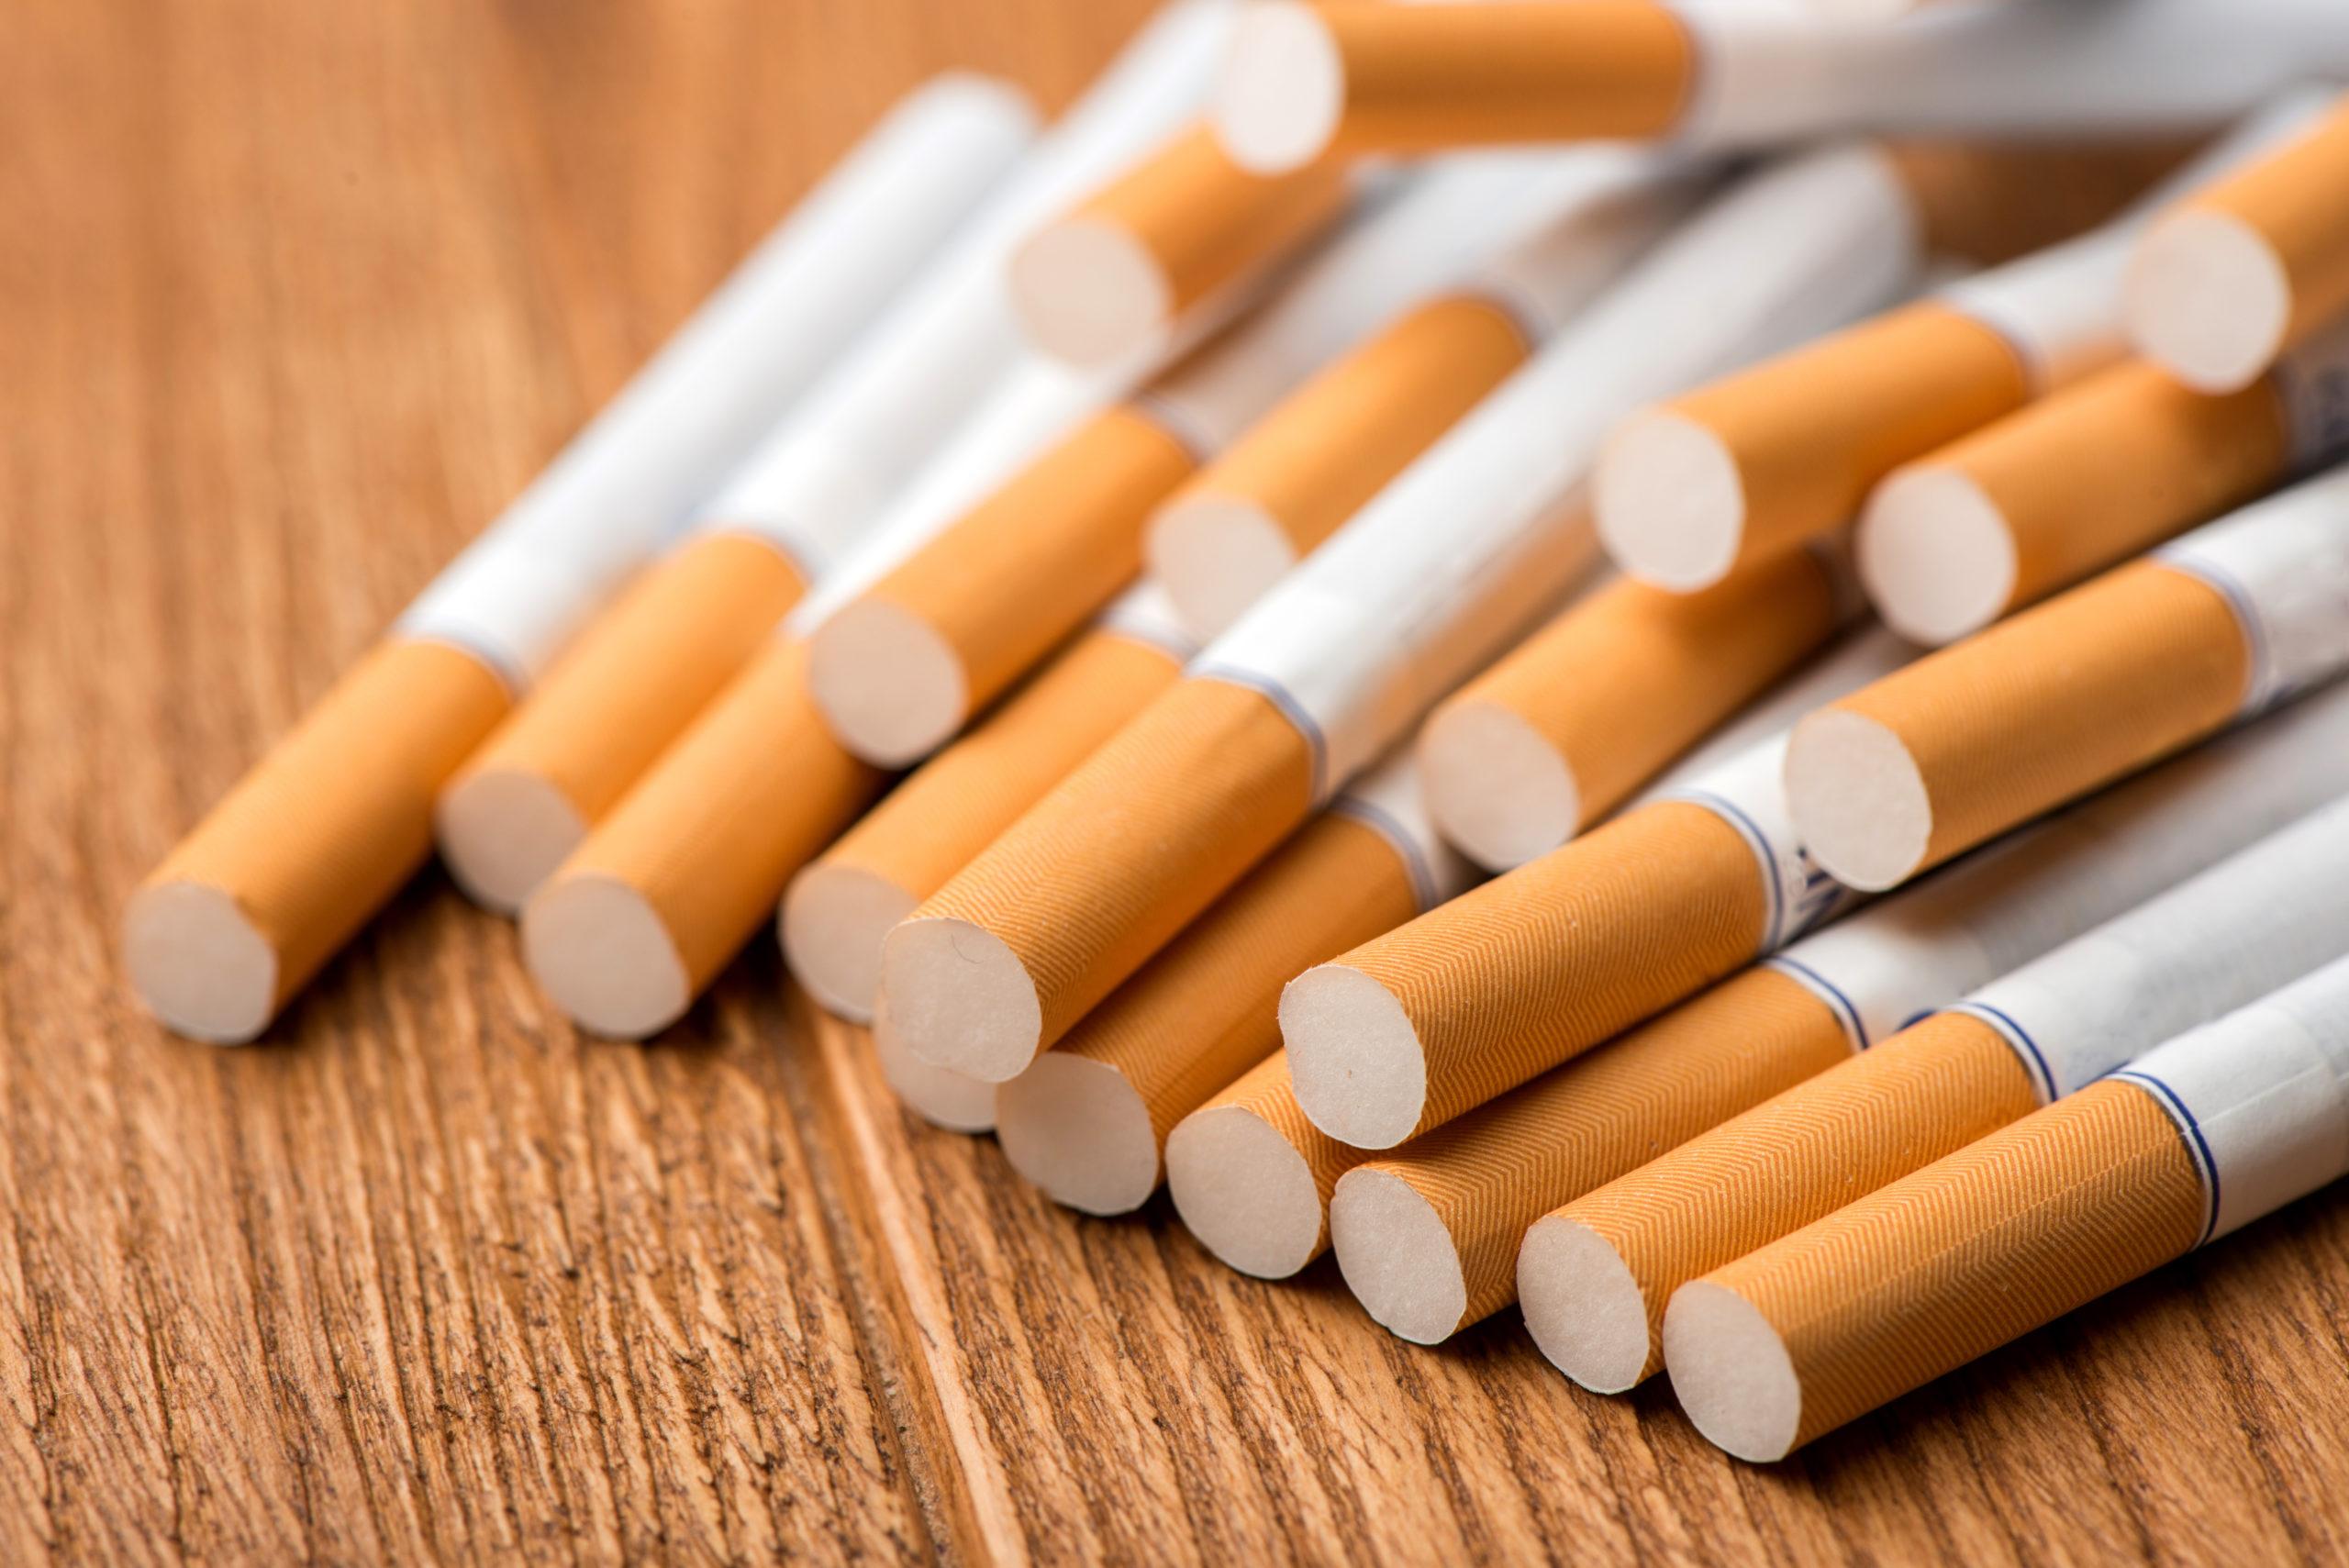 dohányzás számára kijelölt helyek kivételével a munkahelyen nem szabad dohányozni Fotó: shutterstock